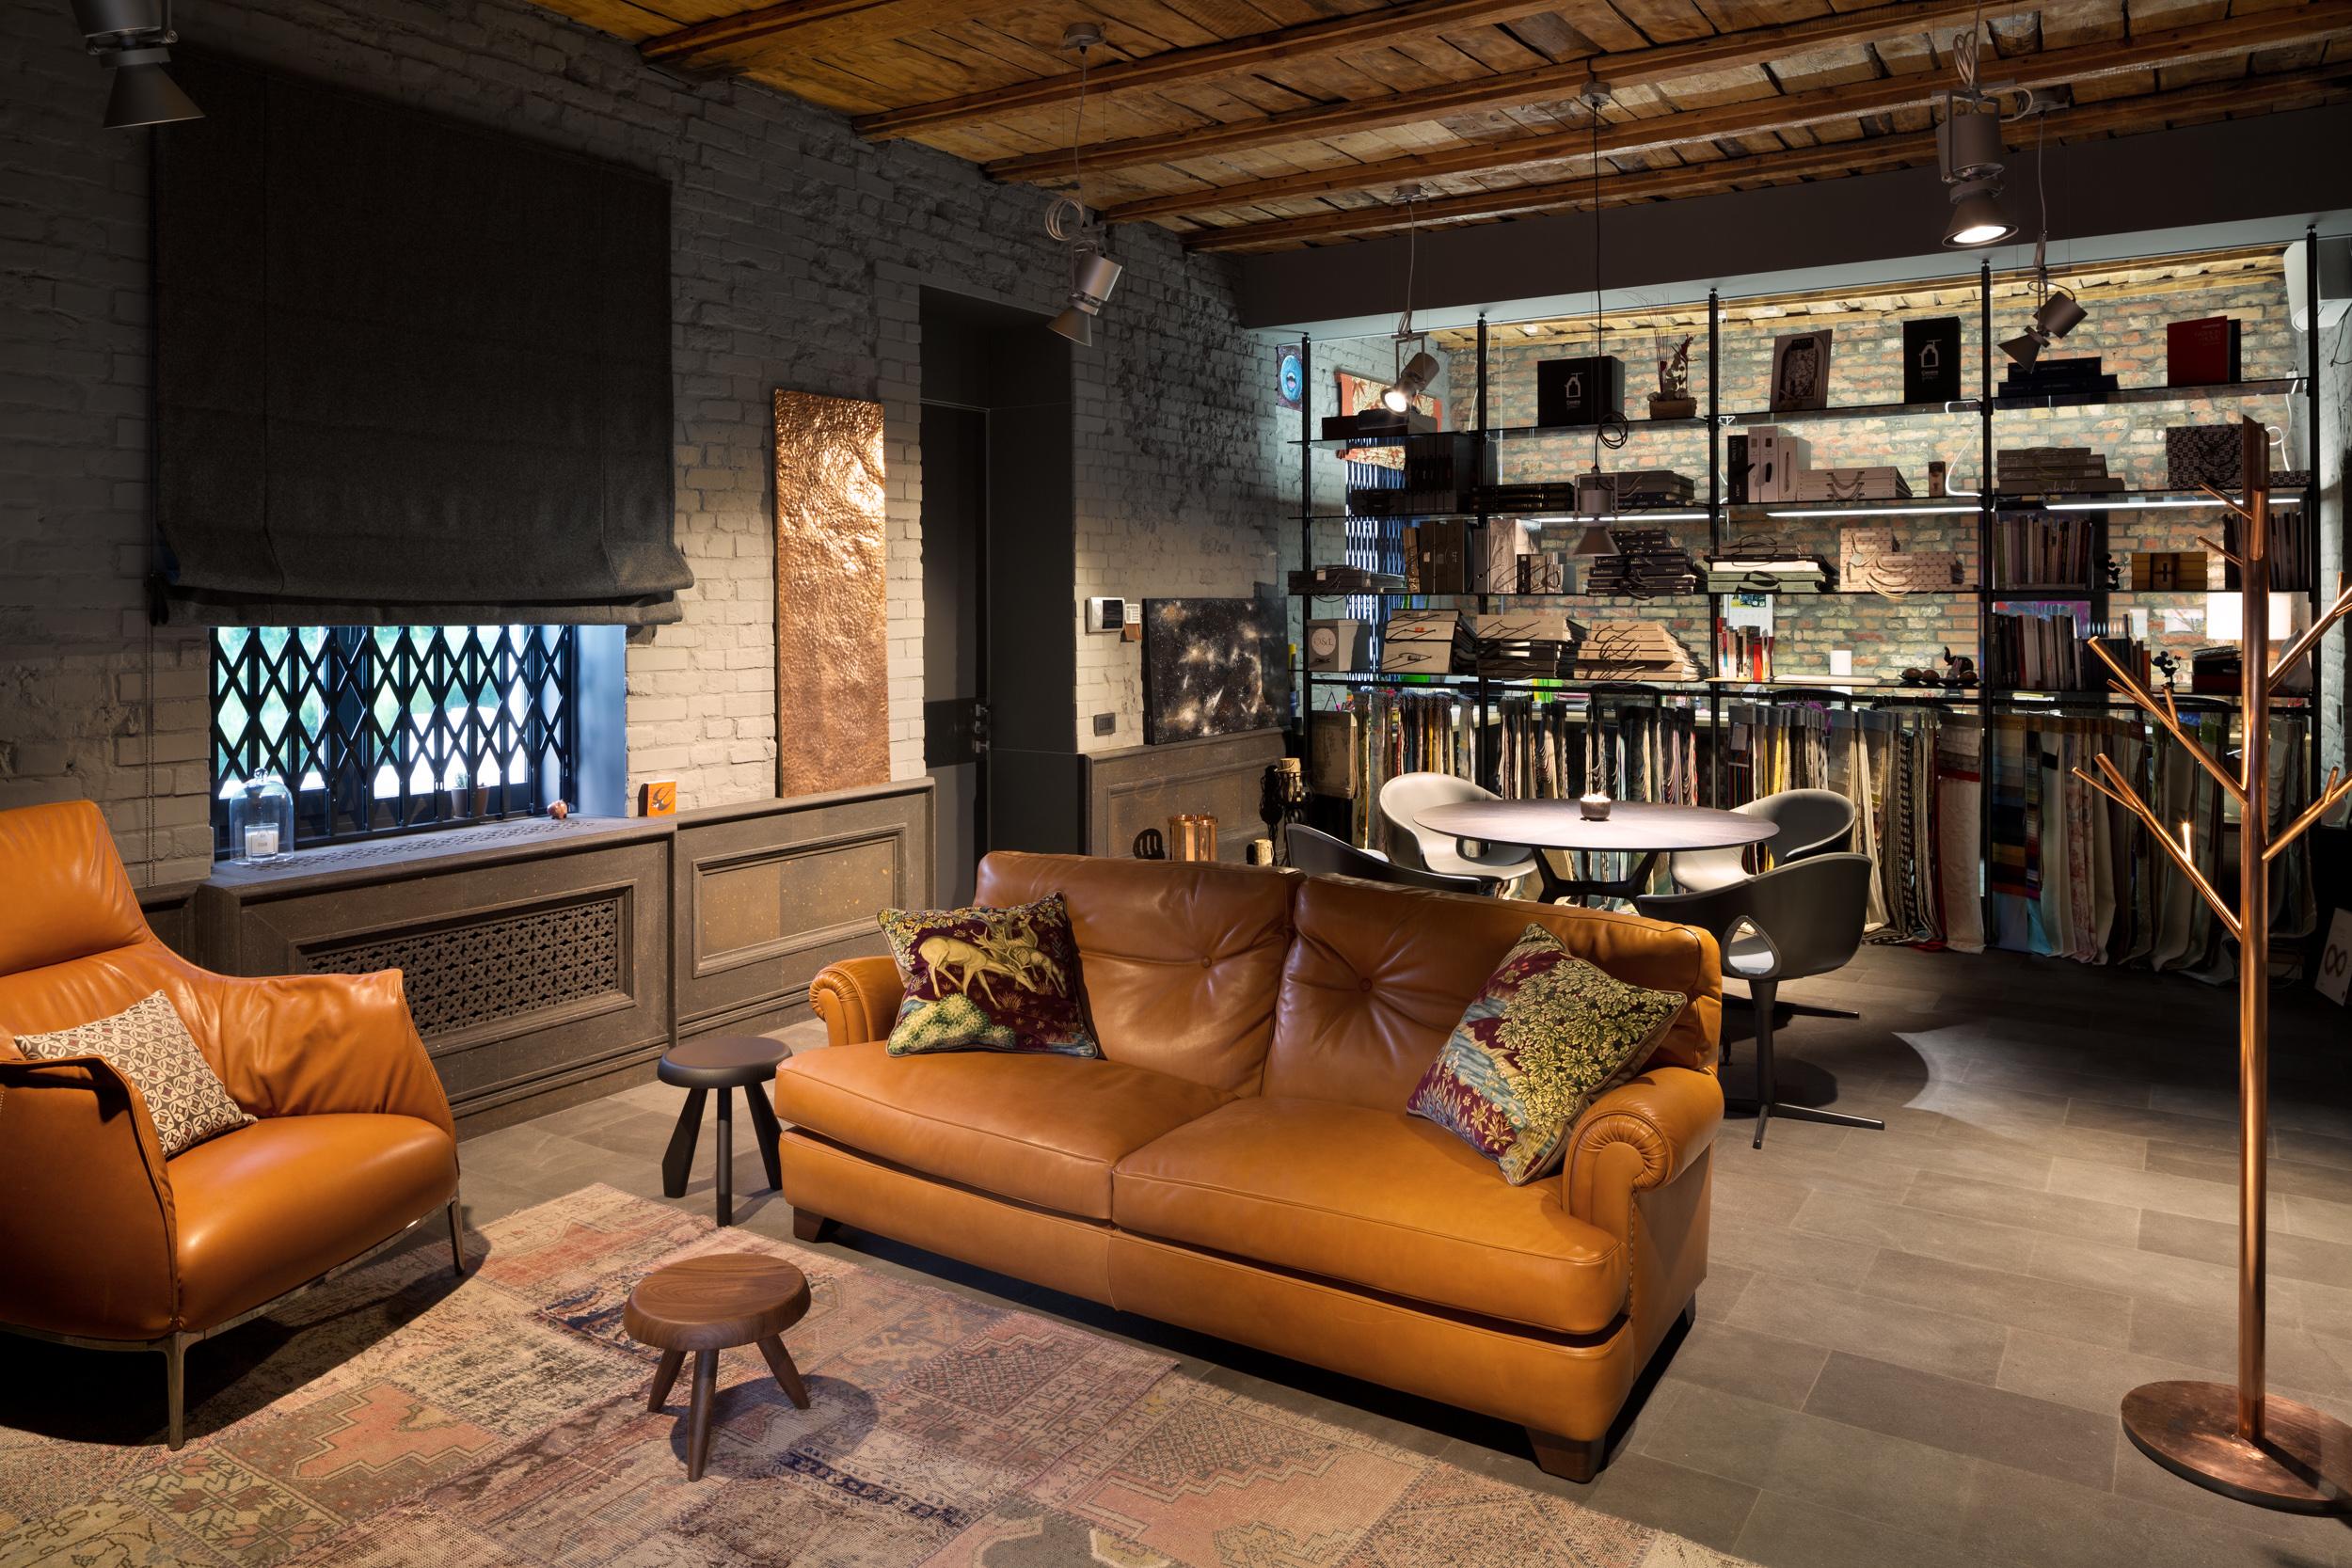 В студии размещены предметы которые создают для нас личный комфорт: диван Poltrona Frau, медное панно, деревянный потолок и разноуровневое освещение. Things that perform coziness for us: sofa Poltrona Frau, copper panel, wooden celling and multi - level lightening.